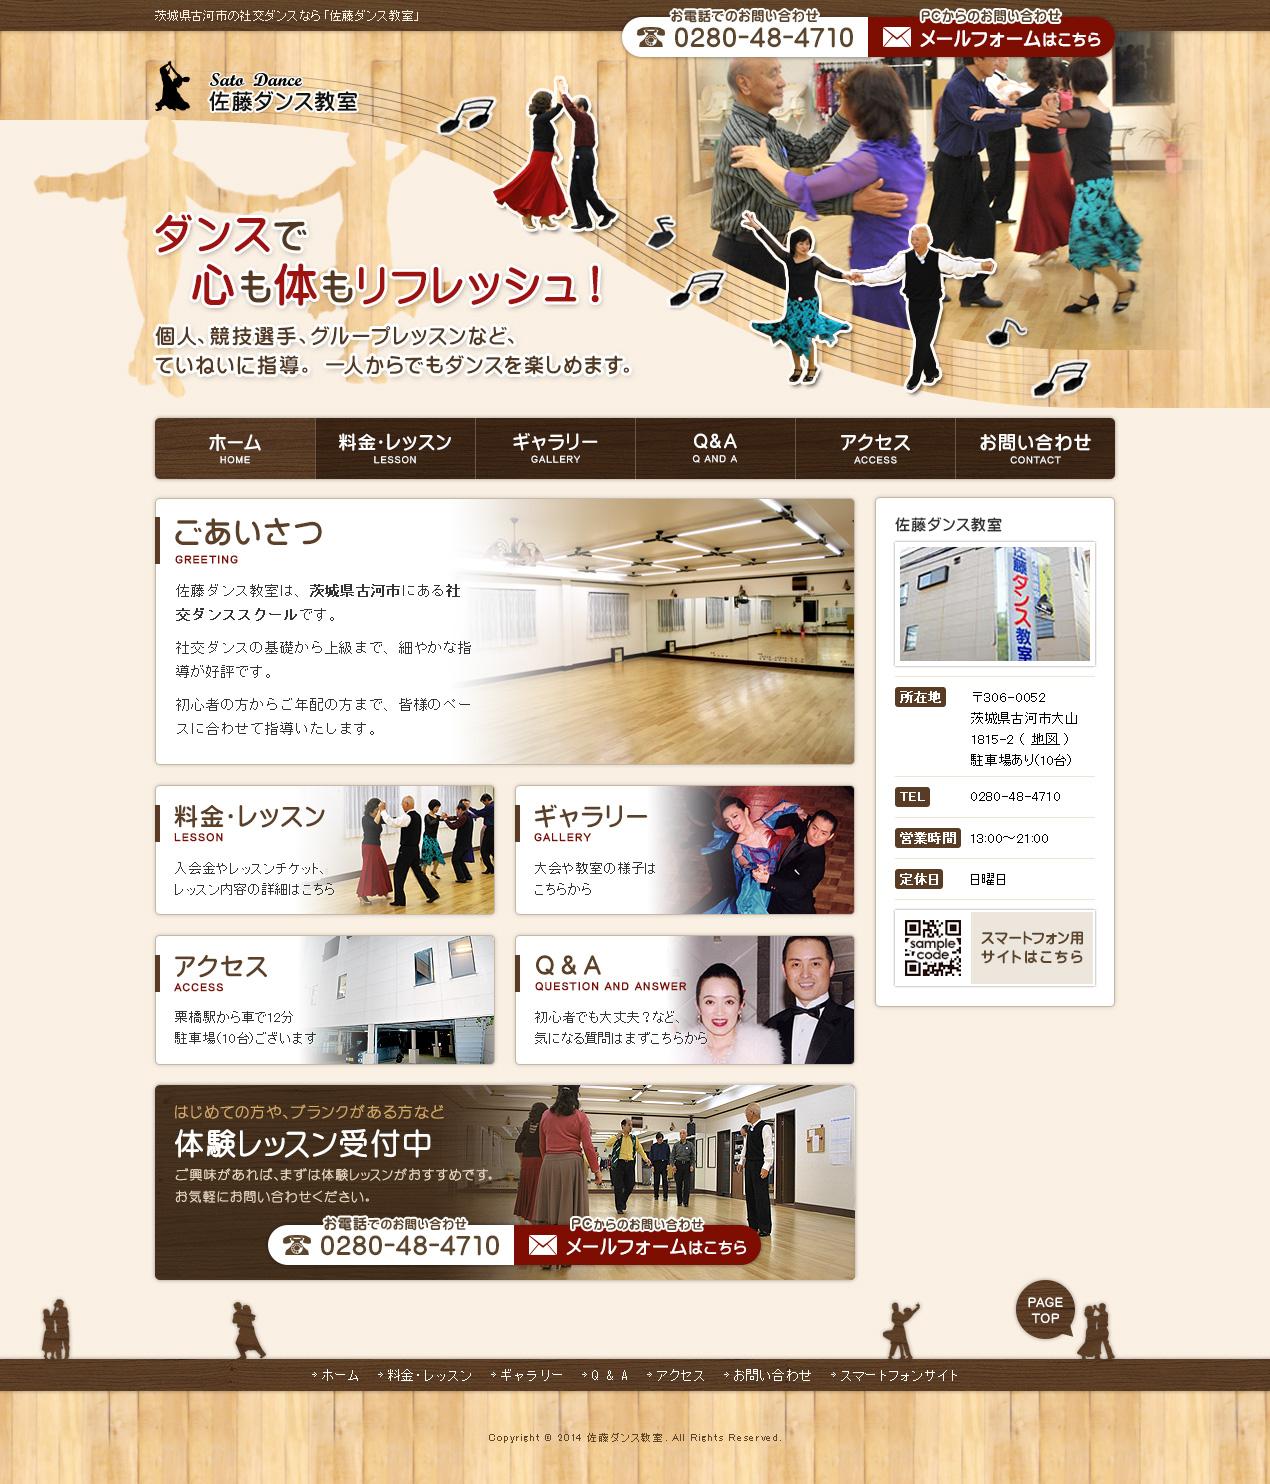 佐藤ダンス教室